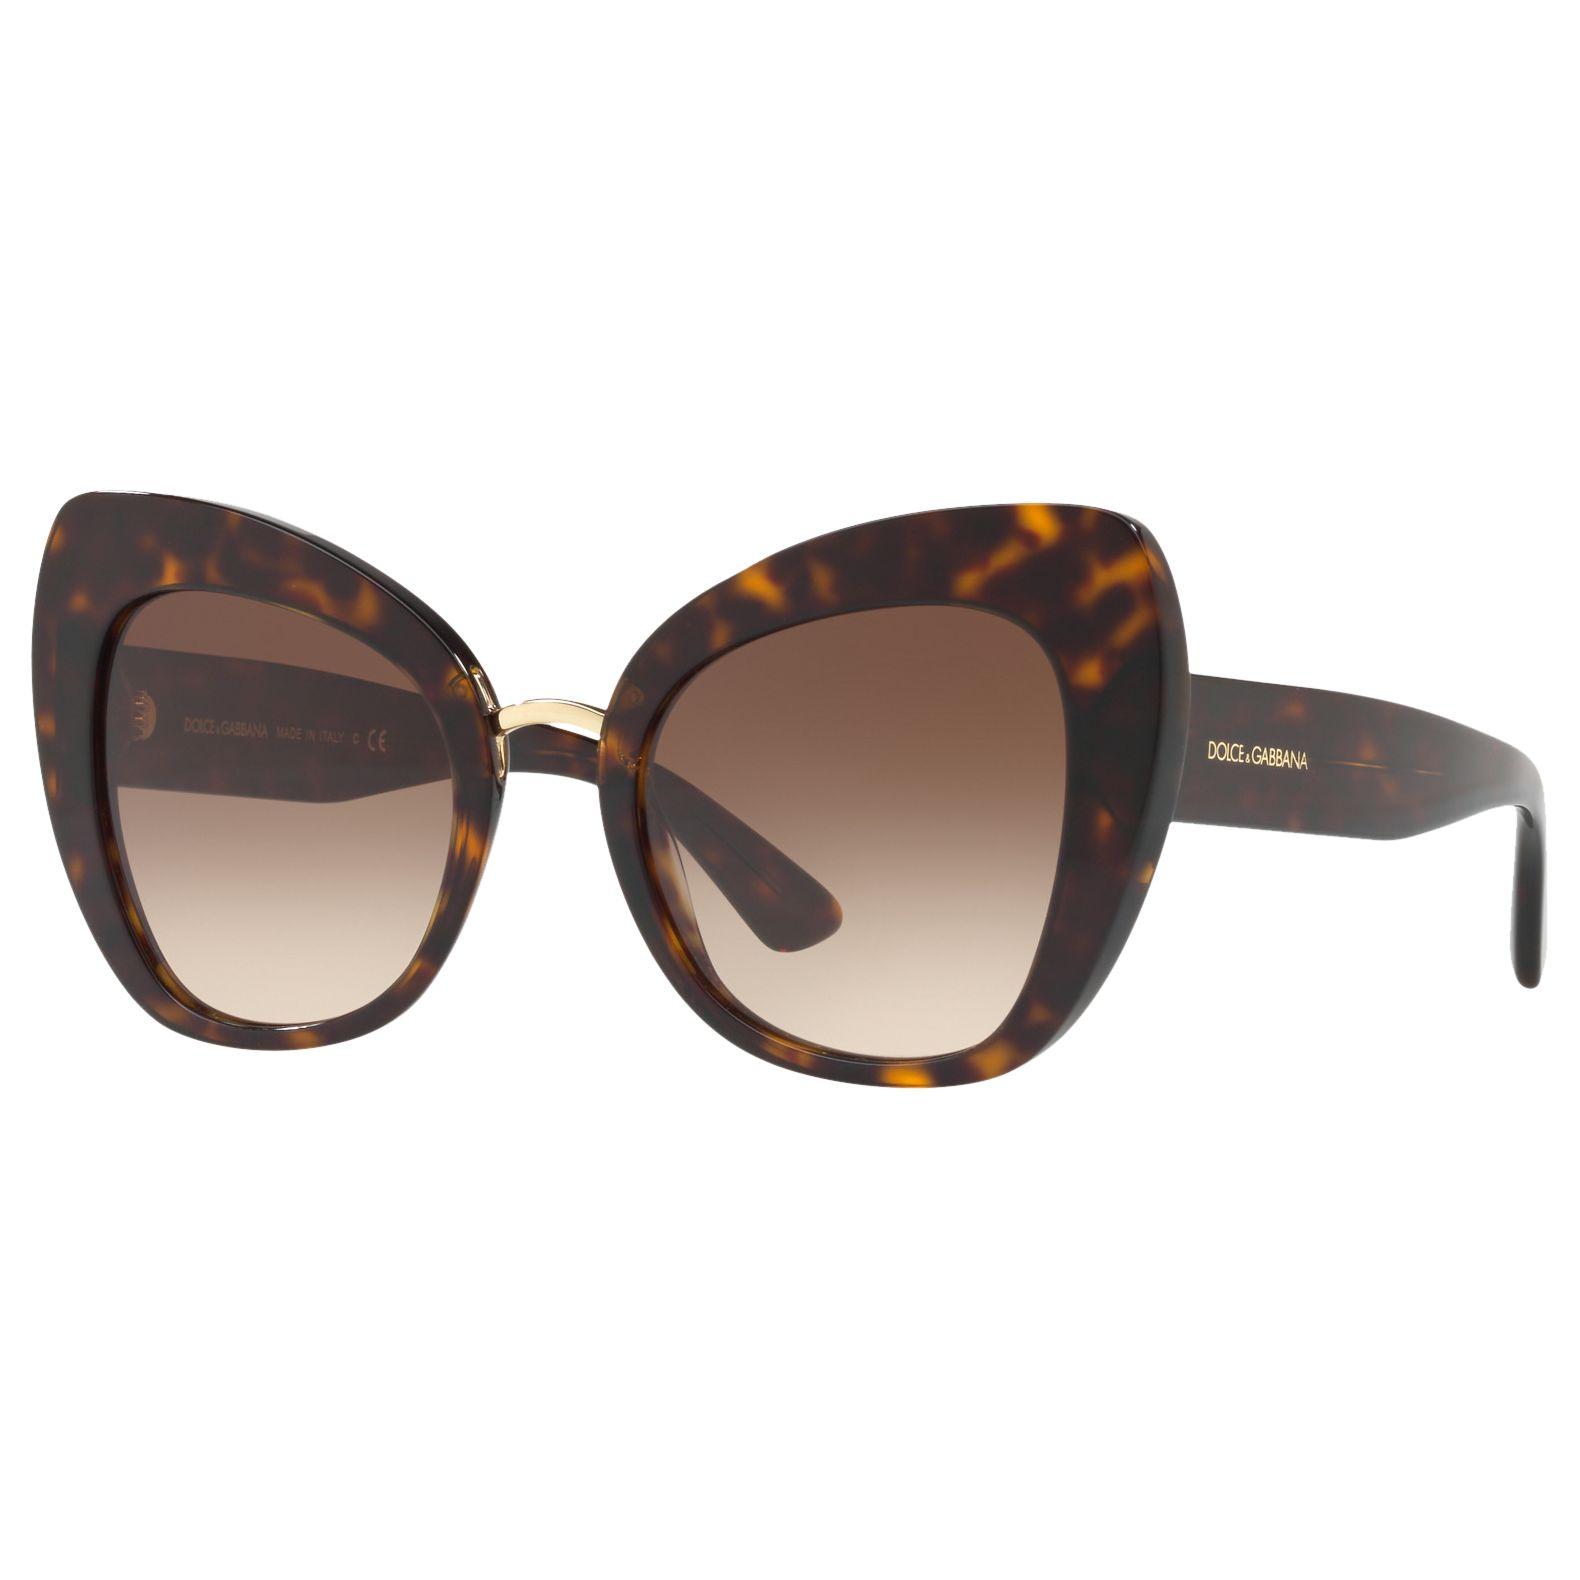 Dolce & Gabbana Dolce & Gabbana DG4319 Cat's Eye Sunglasses